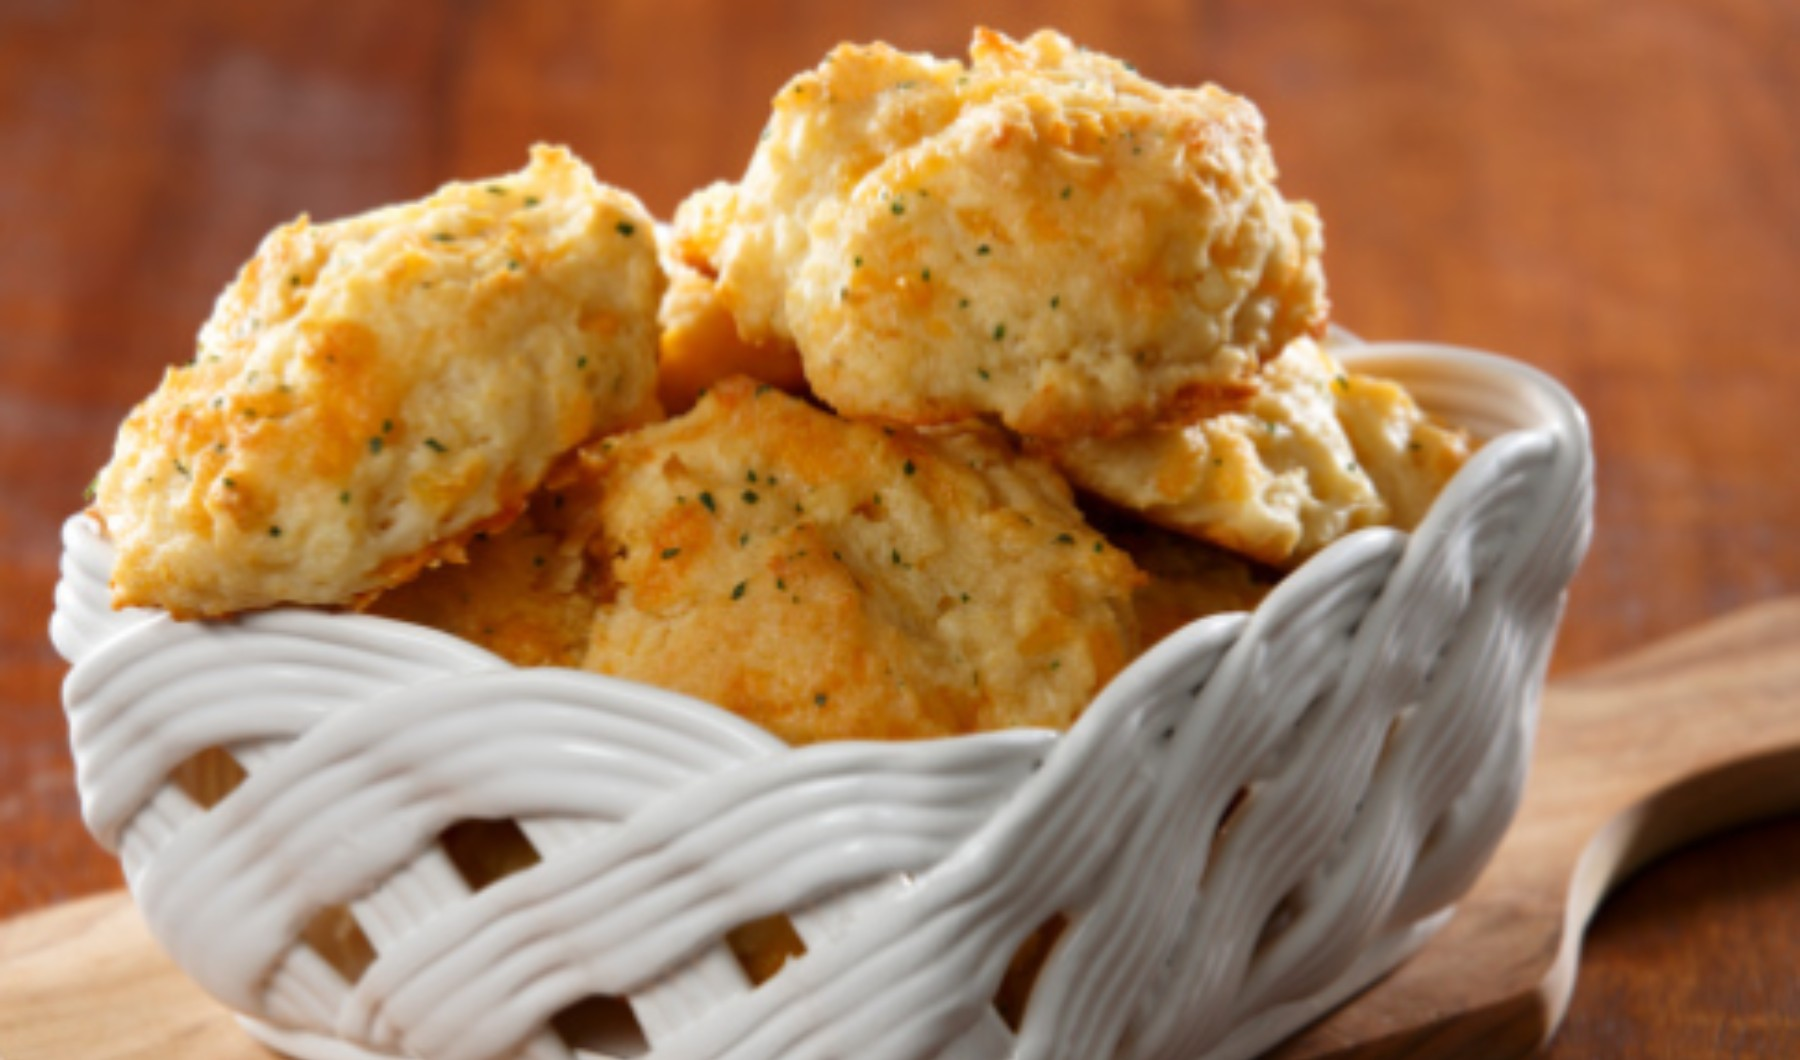 Galletas saladas a los 5 quesos, la receta de aperitivo definitiva